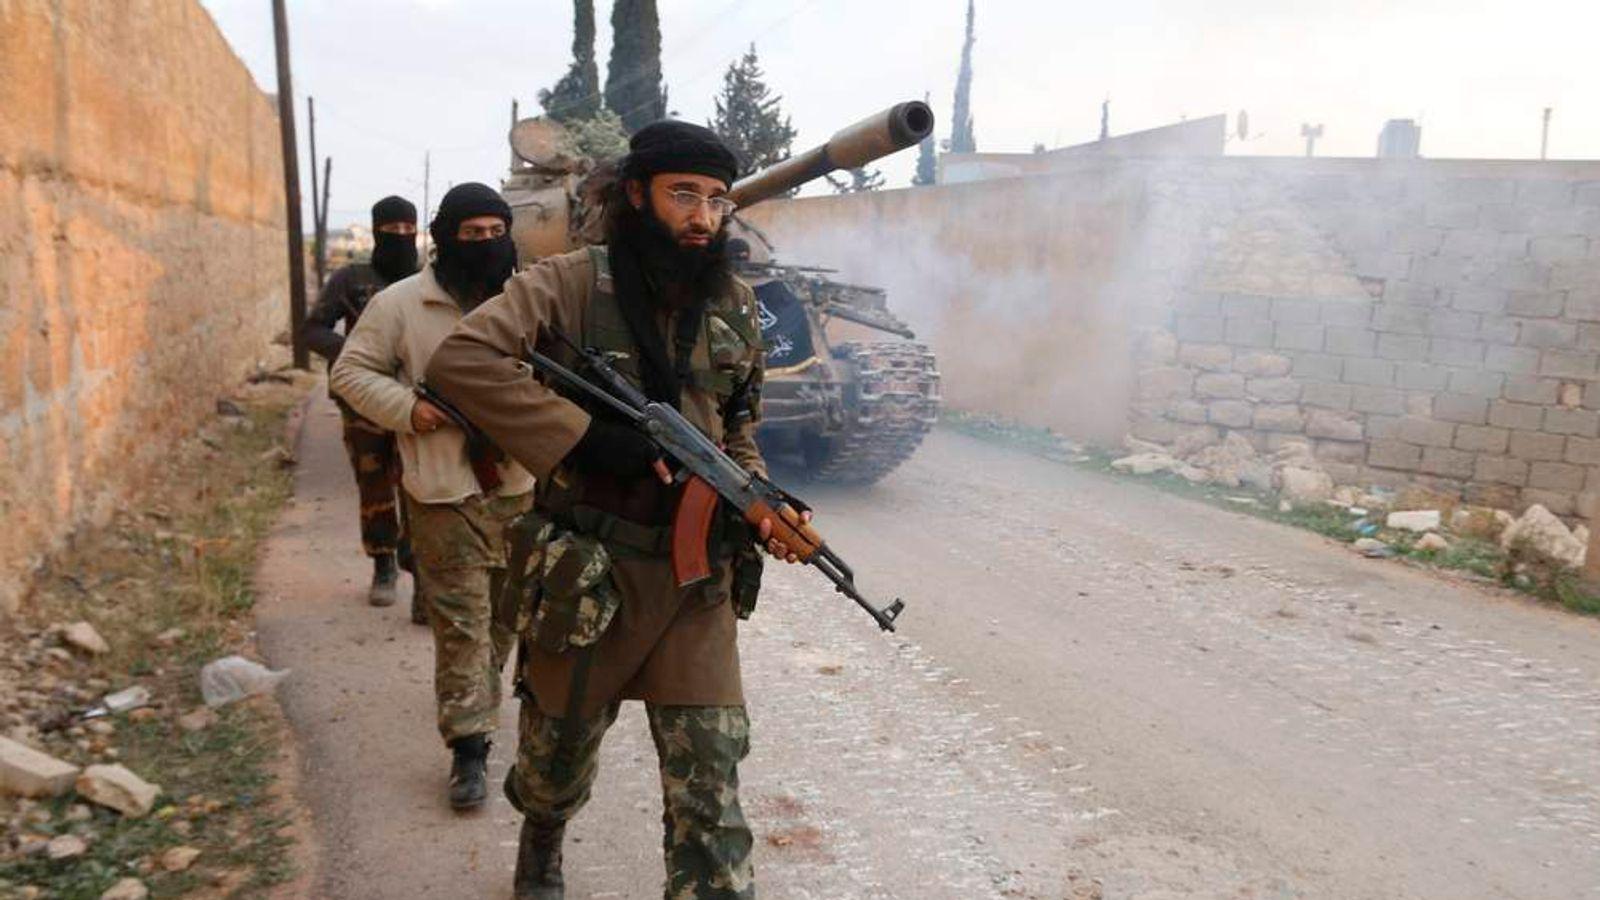 Members of al Qaeda's Nusra Front near Aleppo